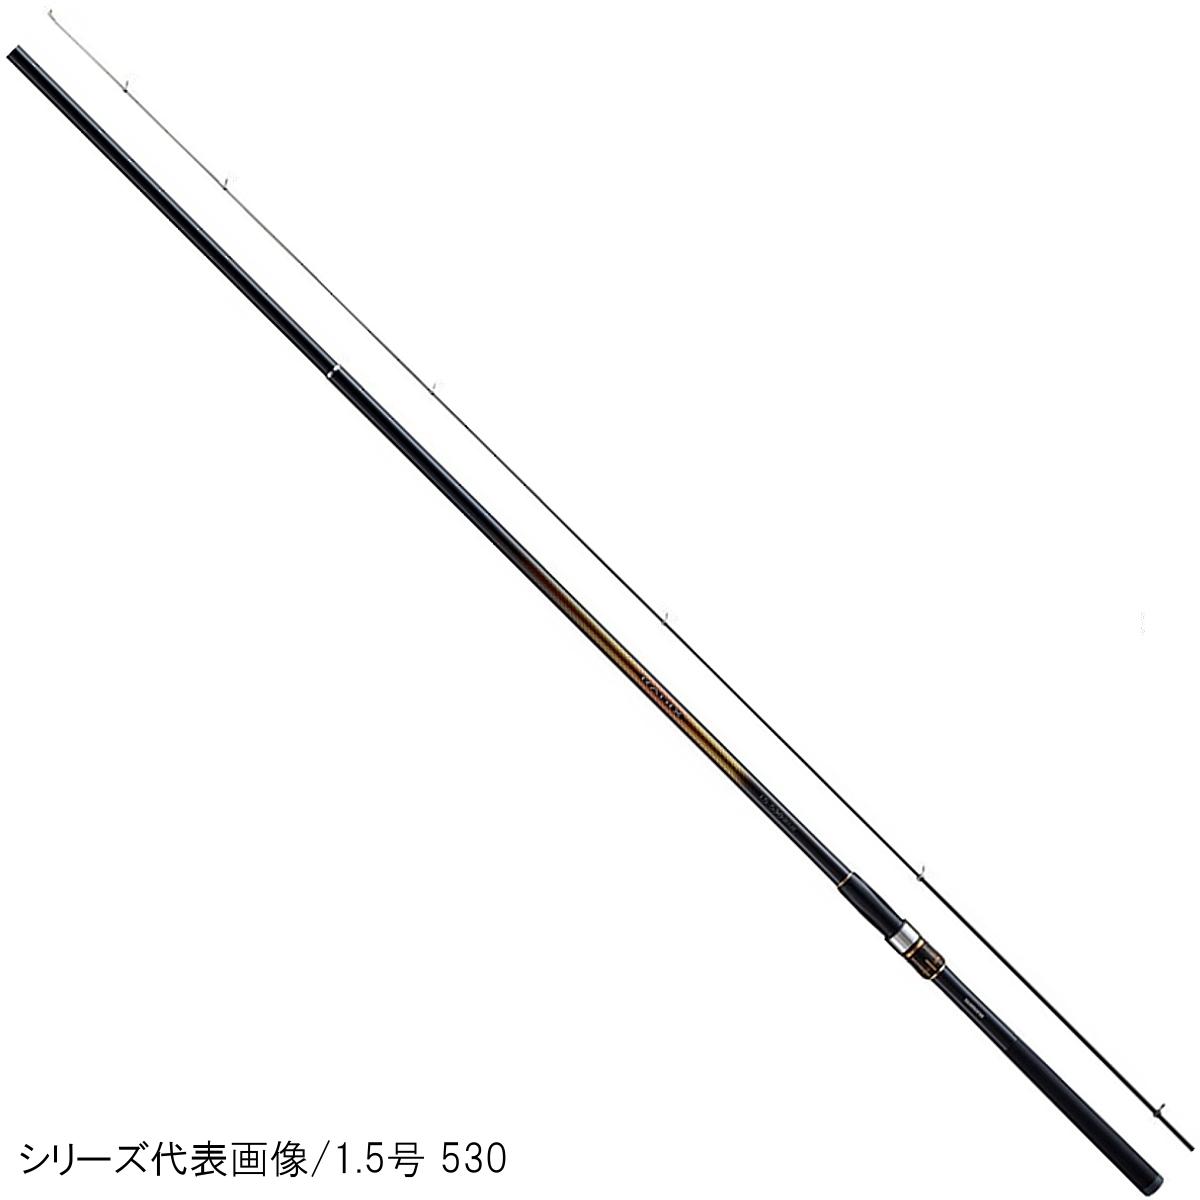 シマノ ラディックス 1.2号 530【送料無料】